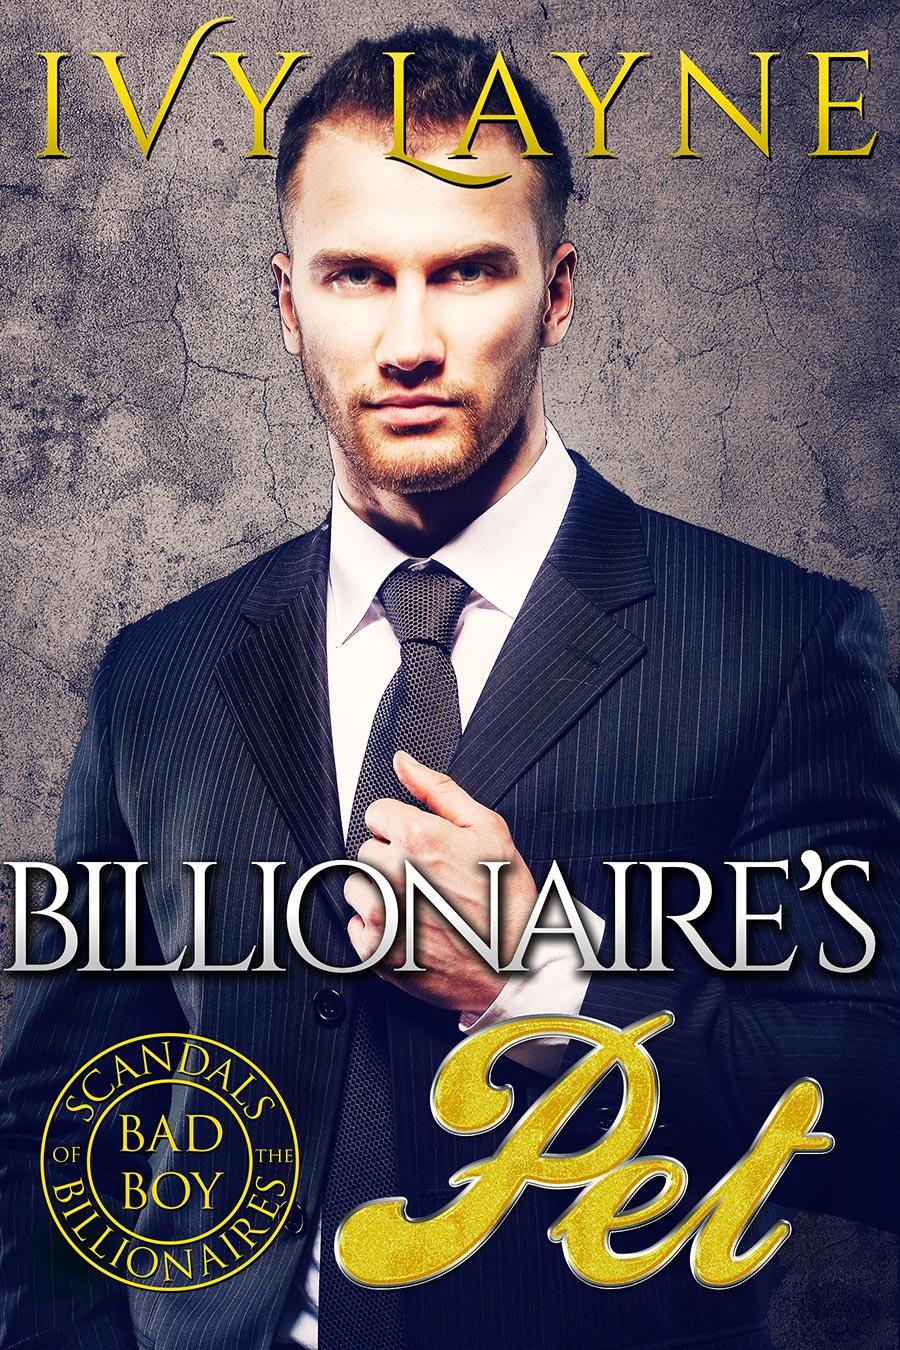 the-Billionaires-Pet---Ivy-Layne---for-chris.jpg